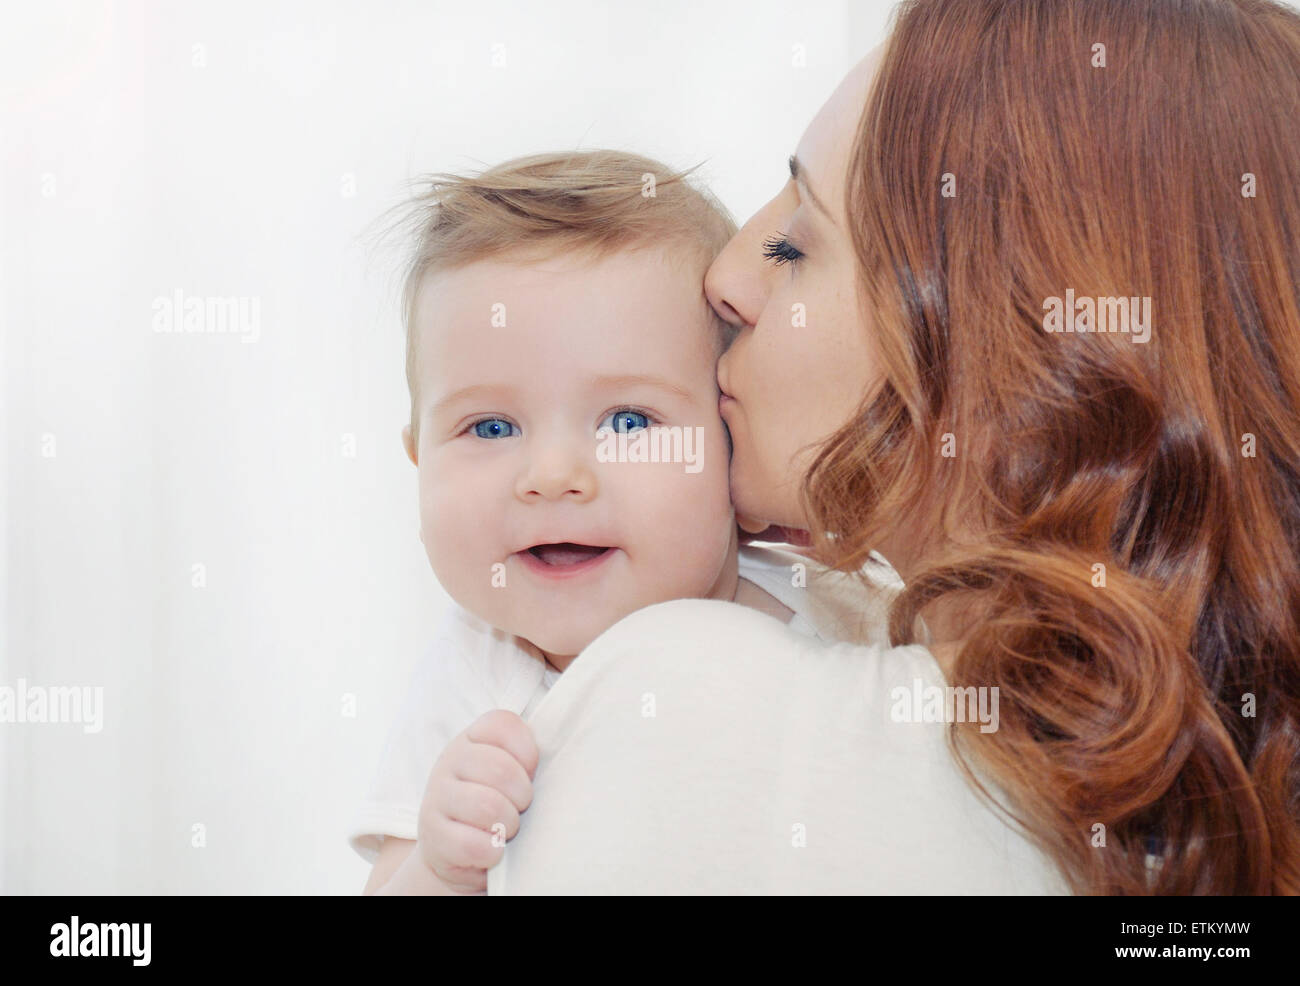 La madre y su bebé recién nacido, concepto de maternidad, suave imagen de hermosa familia Foto de stock